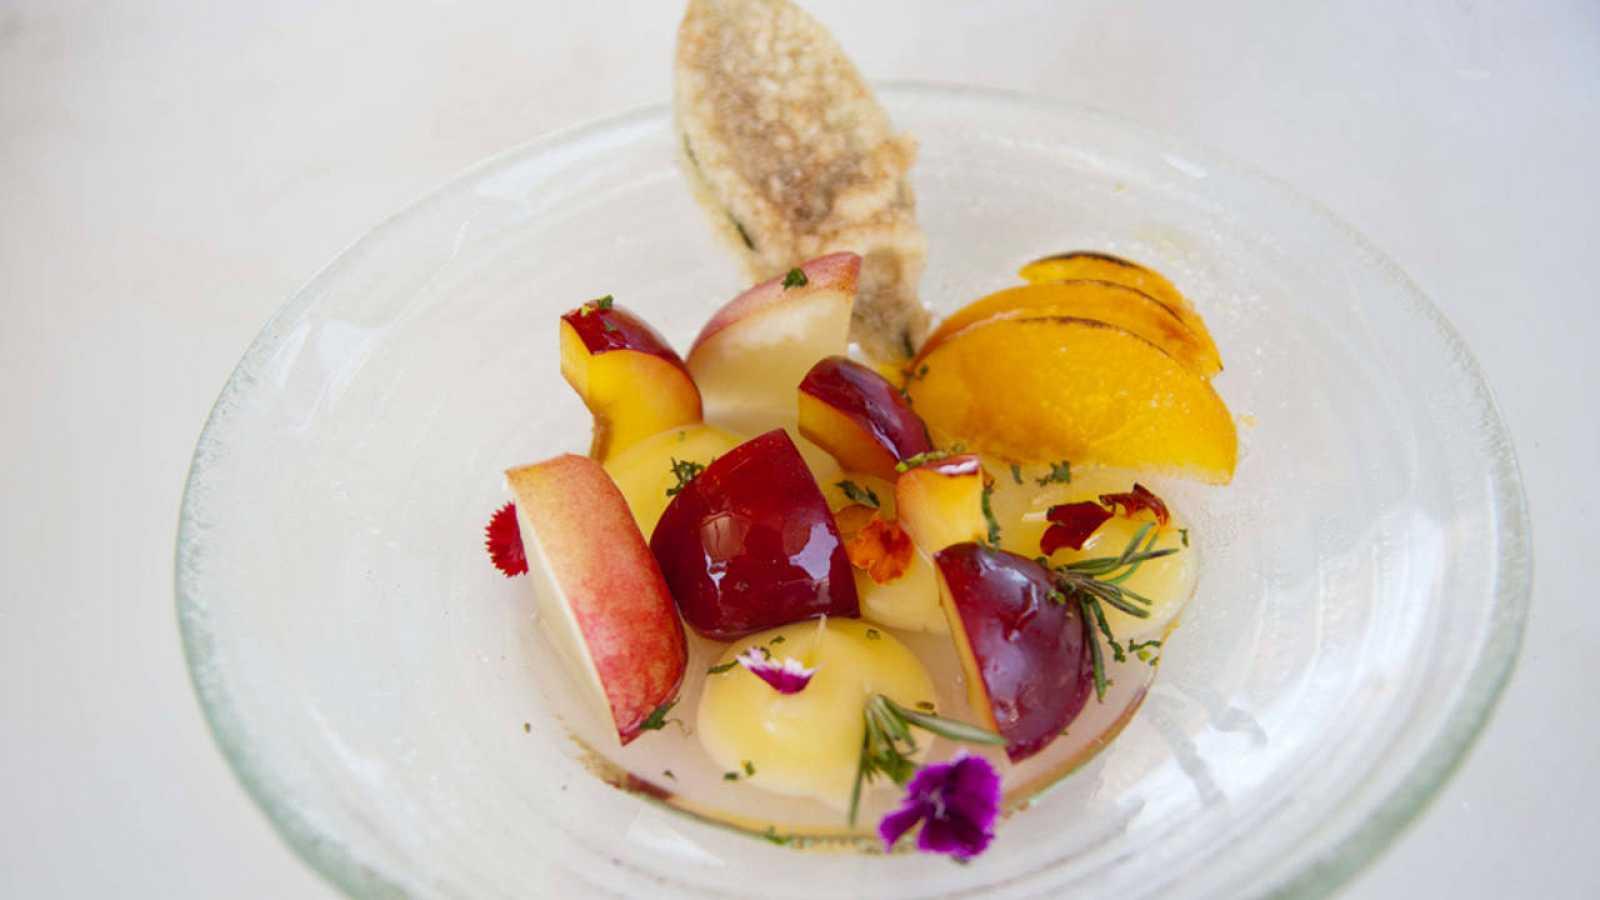 Ensalada de frutas de hueso de Cieza, crema de limón y paparajotes